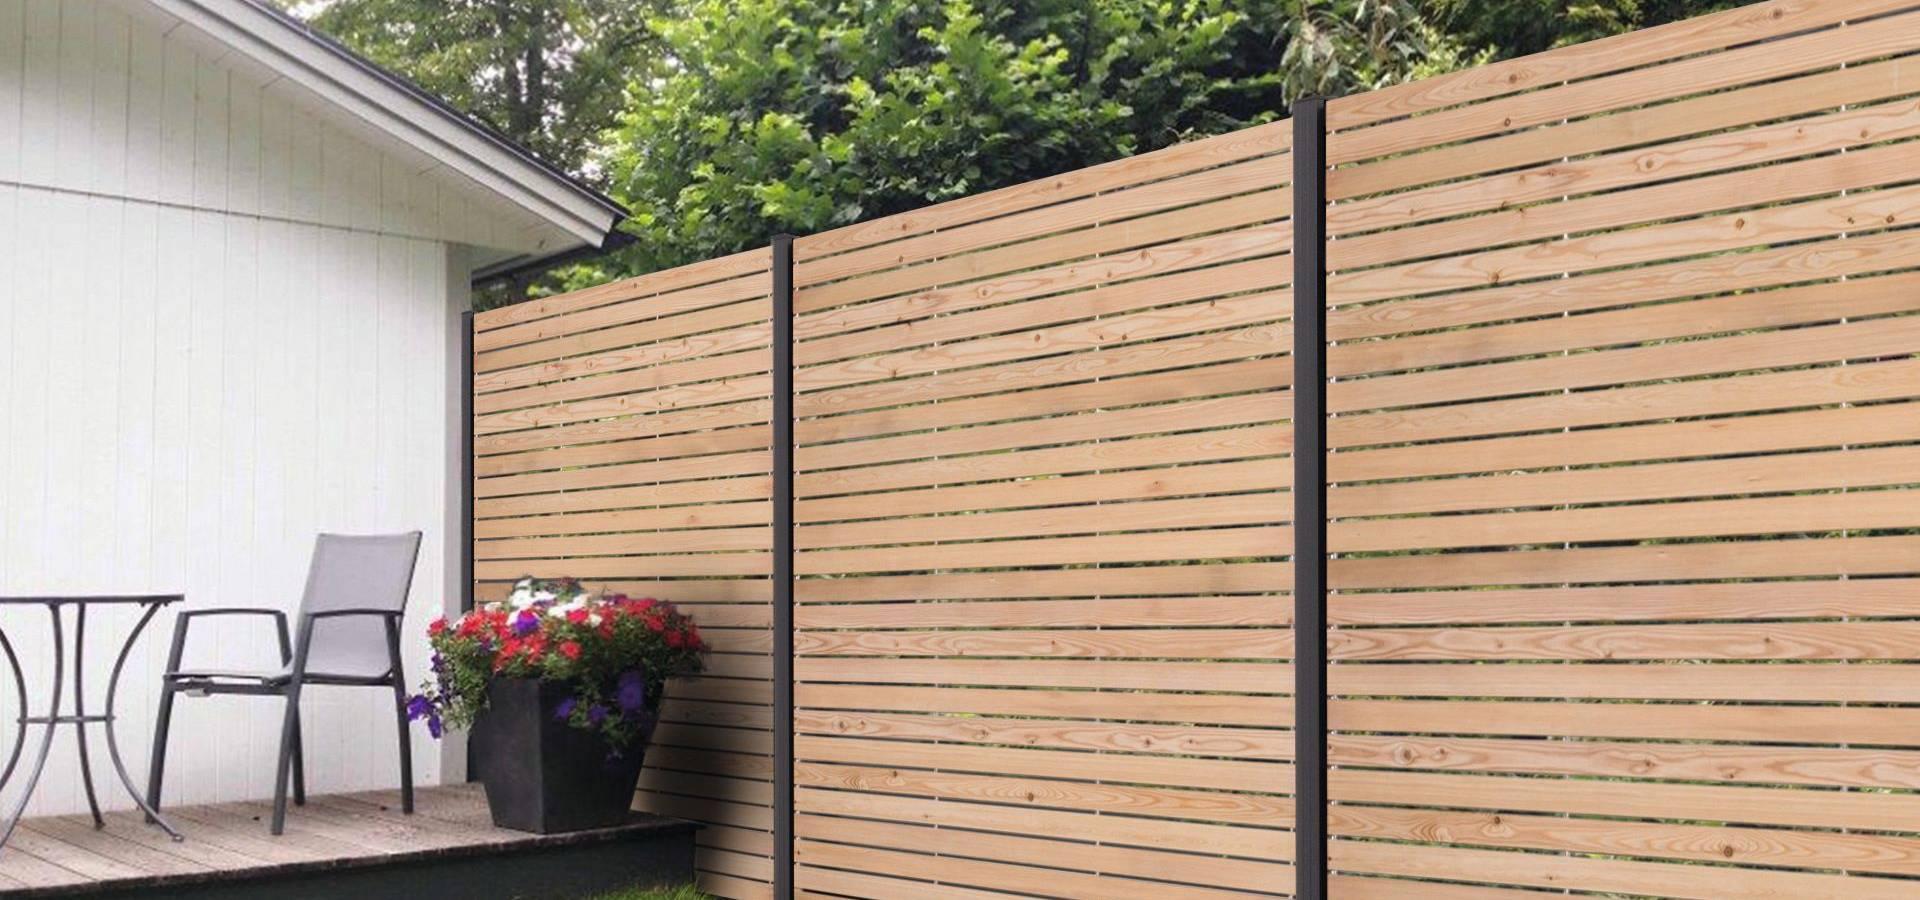 Holzzaune Sichtschutzzaune Aus Holz Von Ligna Gard Gmbh Homify